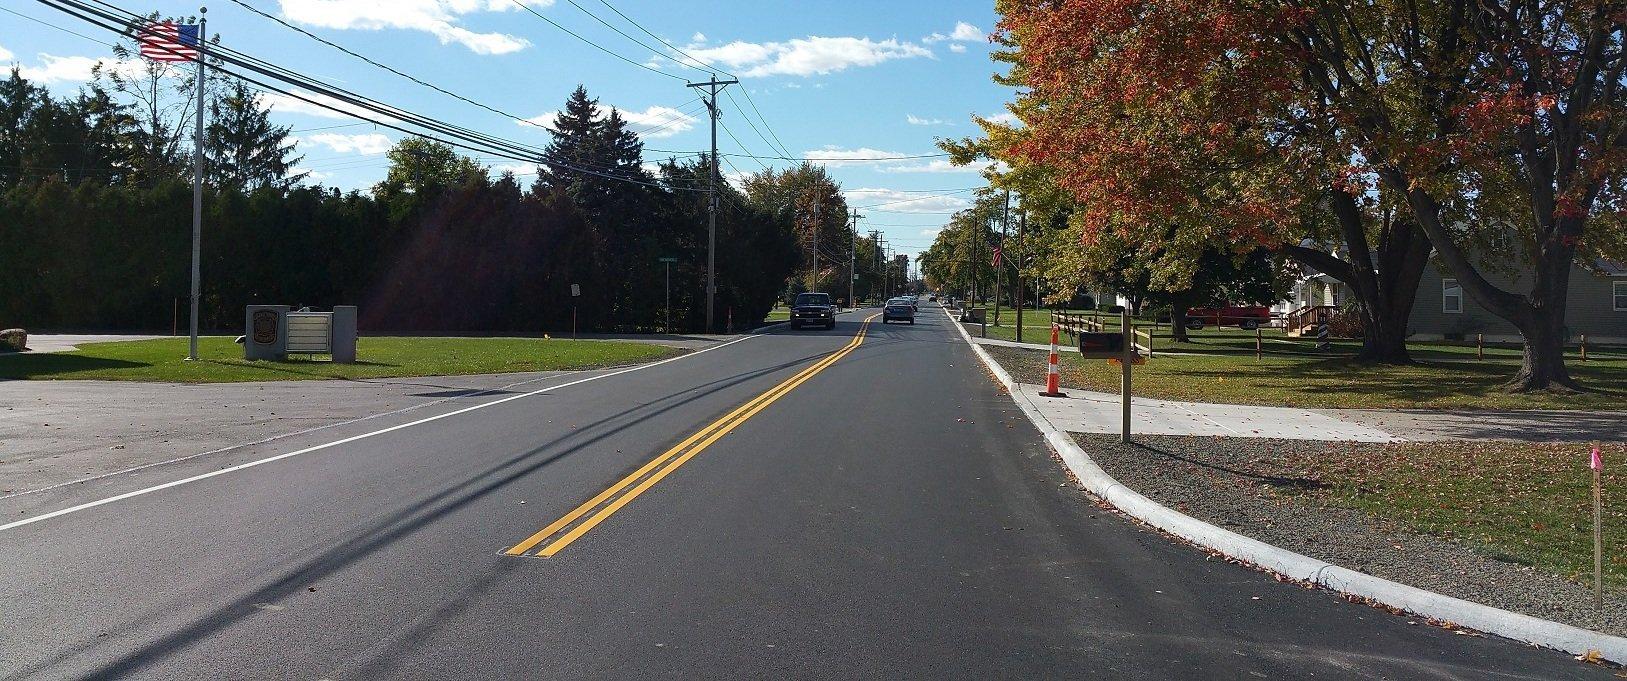 Walbridge Ohio Streets Department